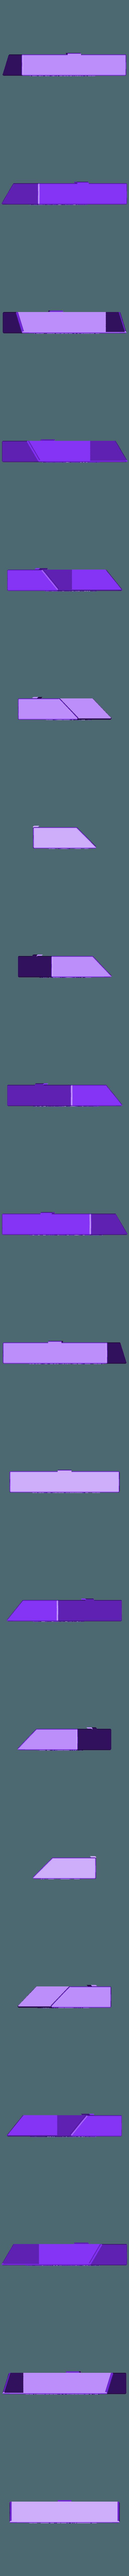 Pror3d.stl Download free STL file Cover for PanelDue 5i mount • Design to 3D print, Dsk